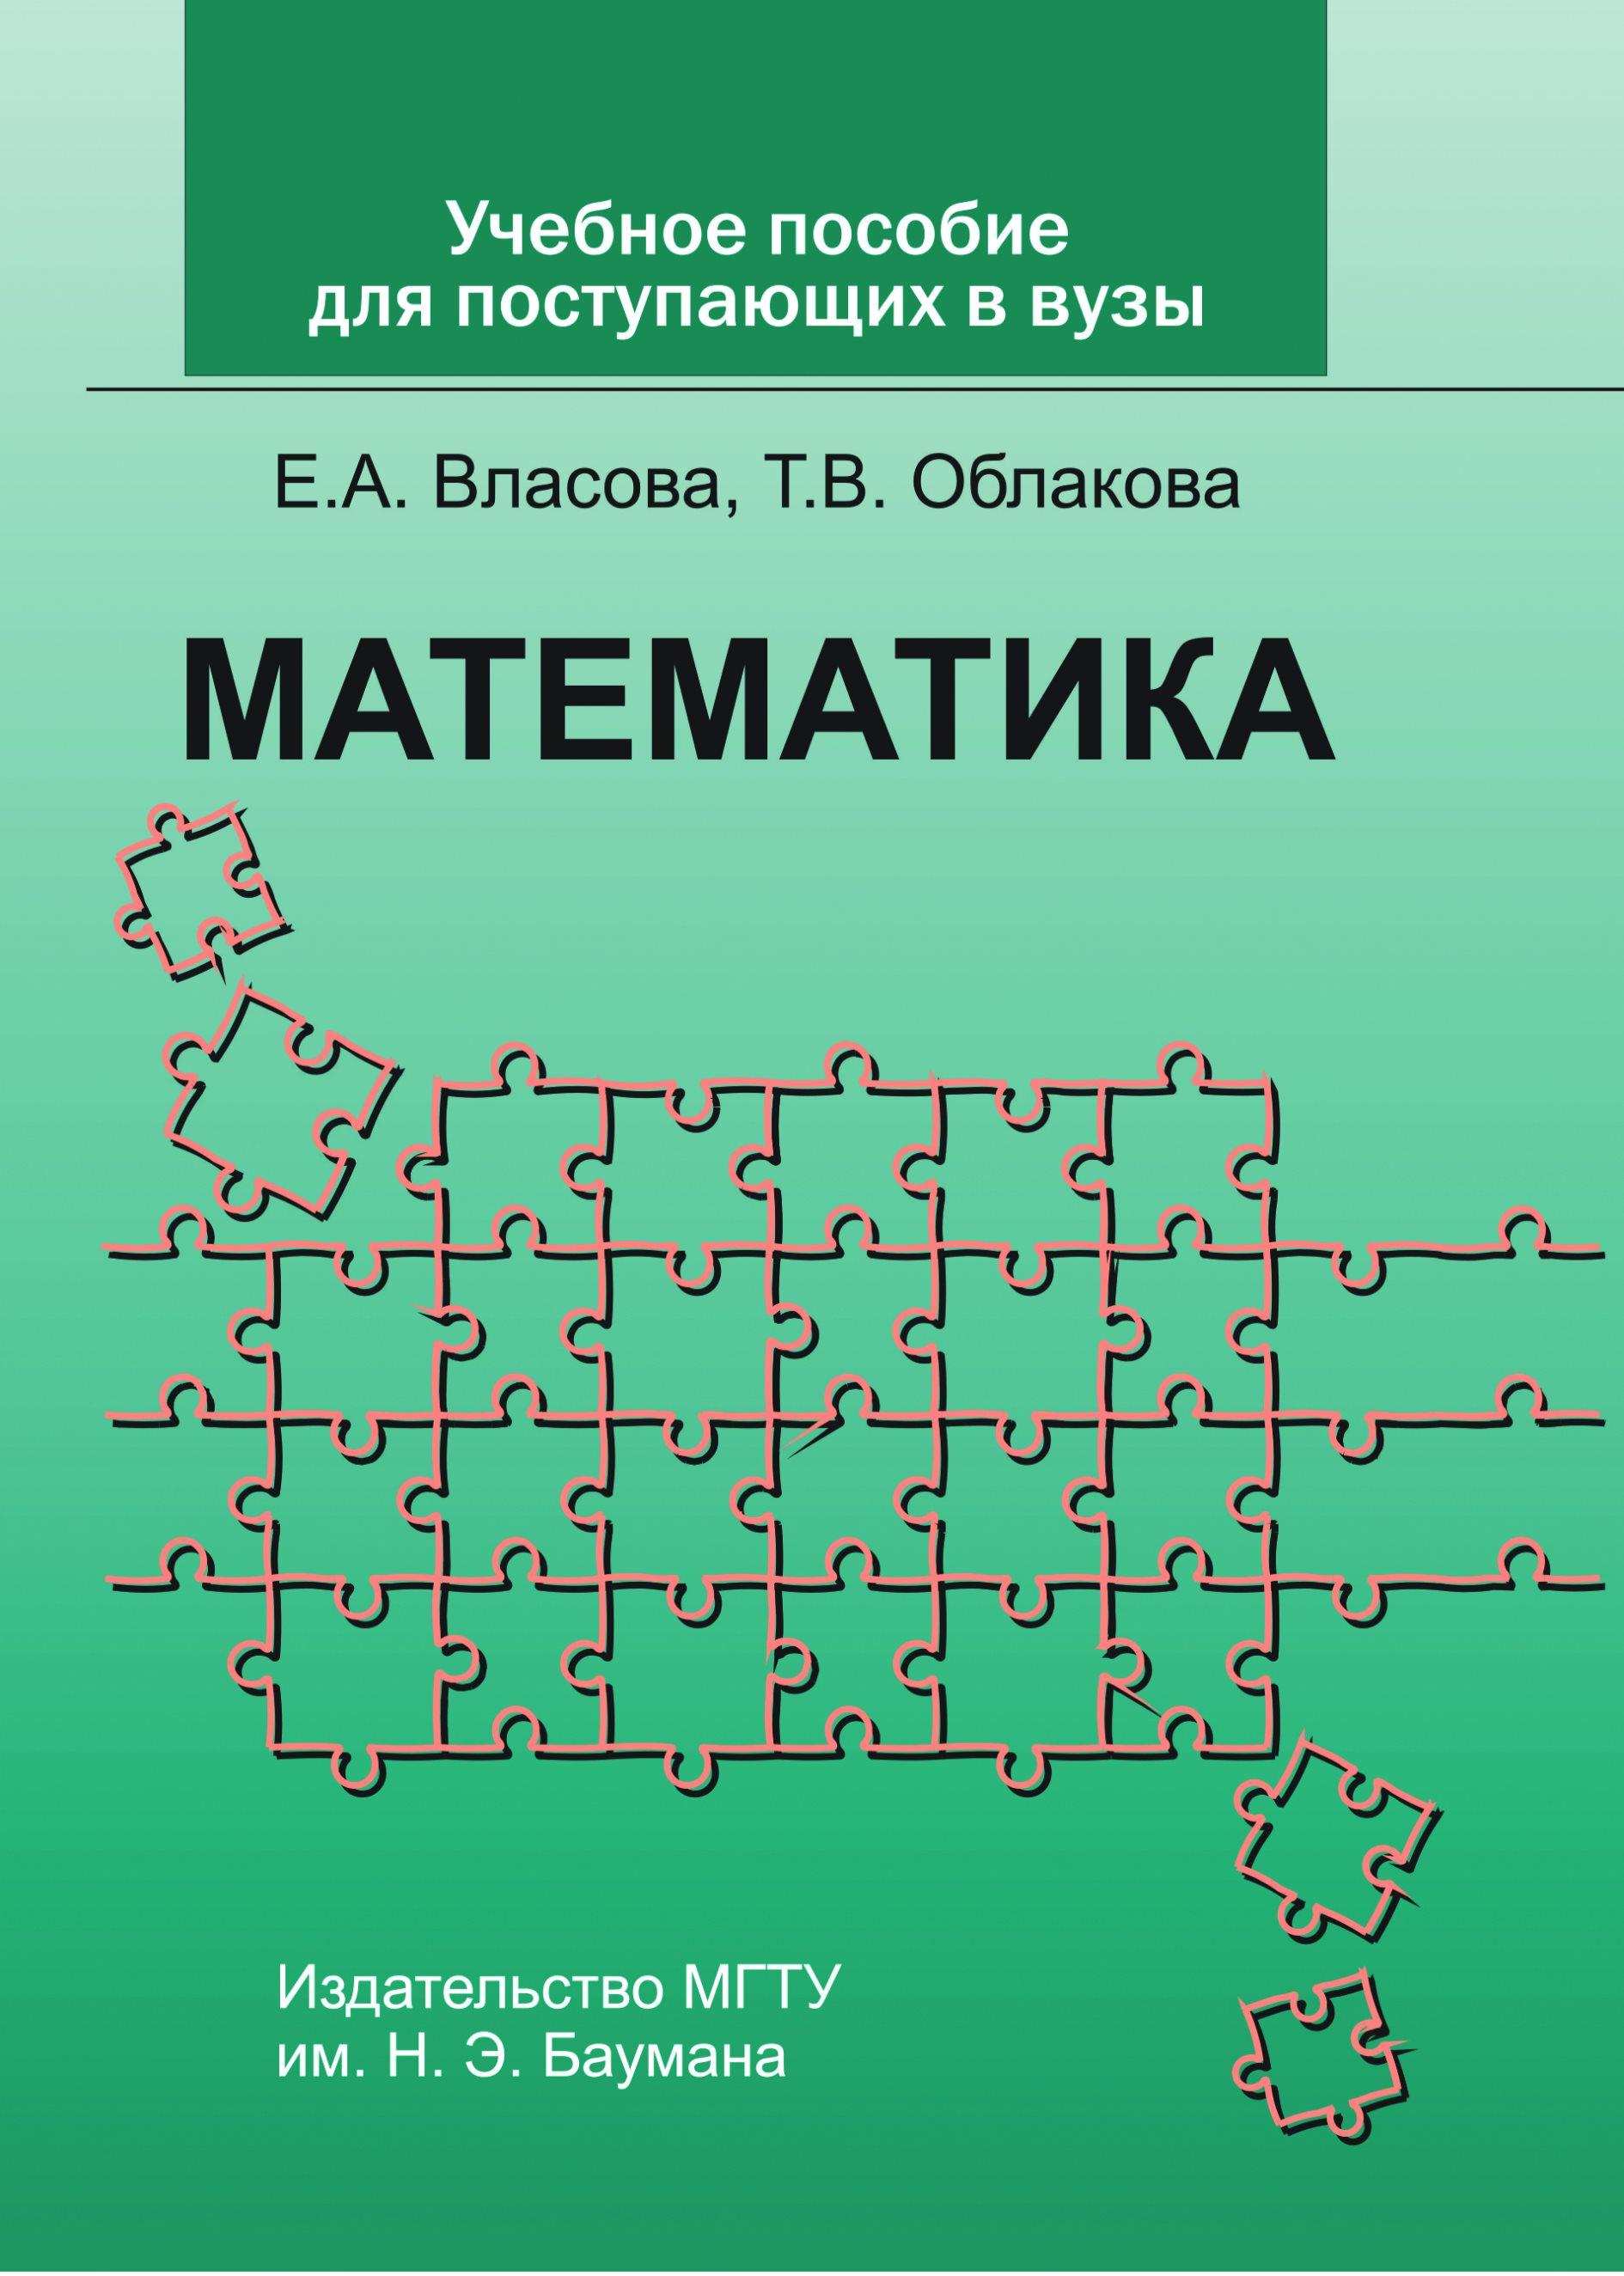 Учебное пособие по математике для поступающих в вузы